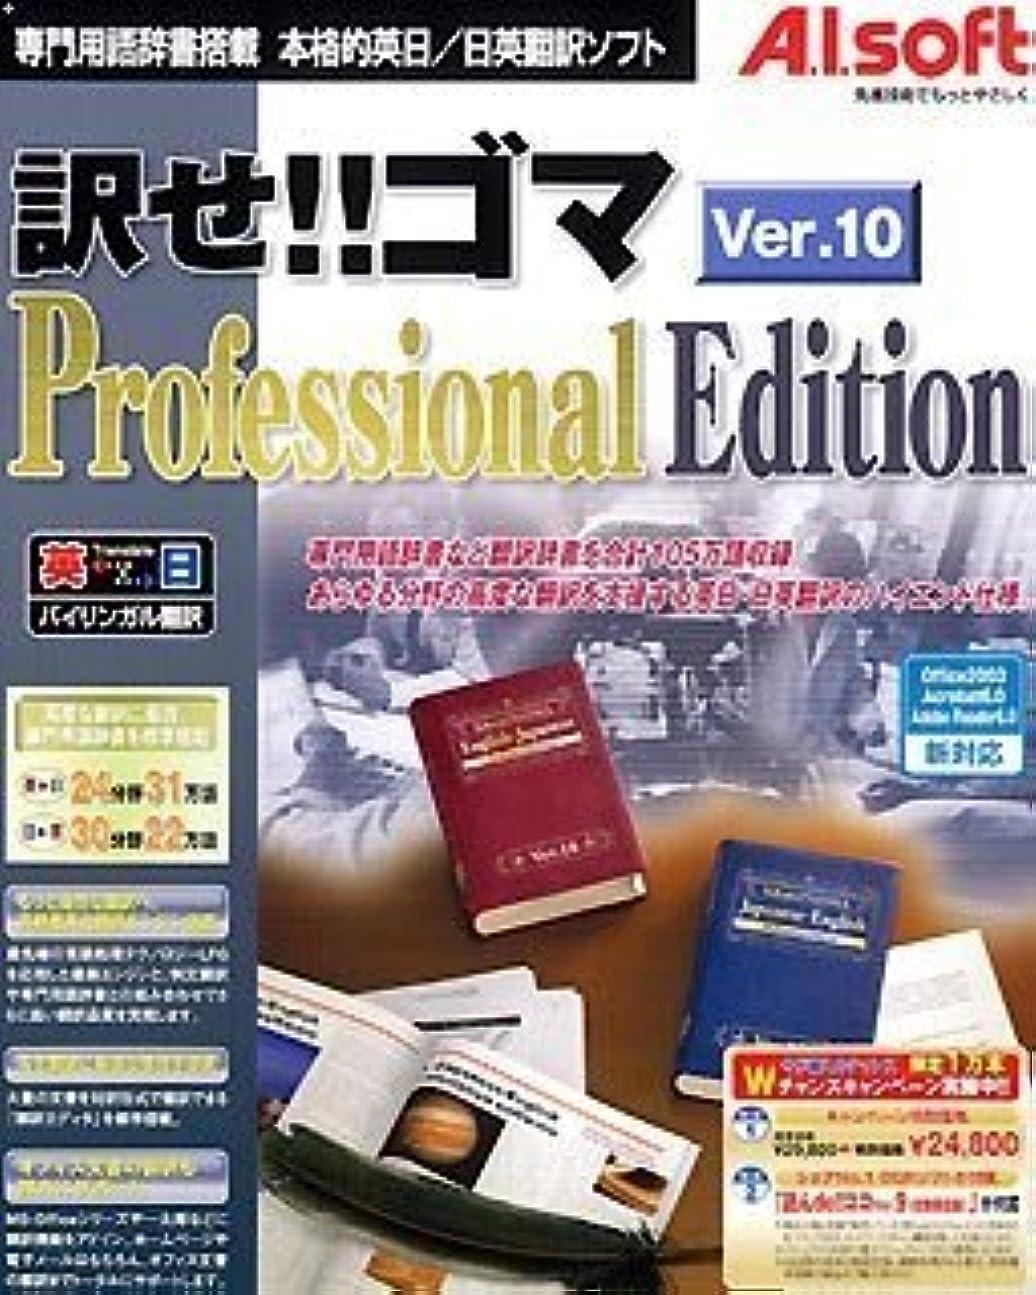 ベーシックうまれたモック訳せ!!ゴマ Ver.10 Professional Edition キャンペーン版